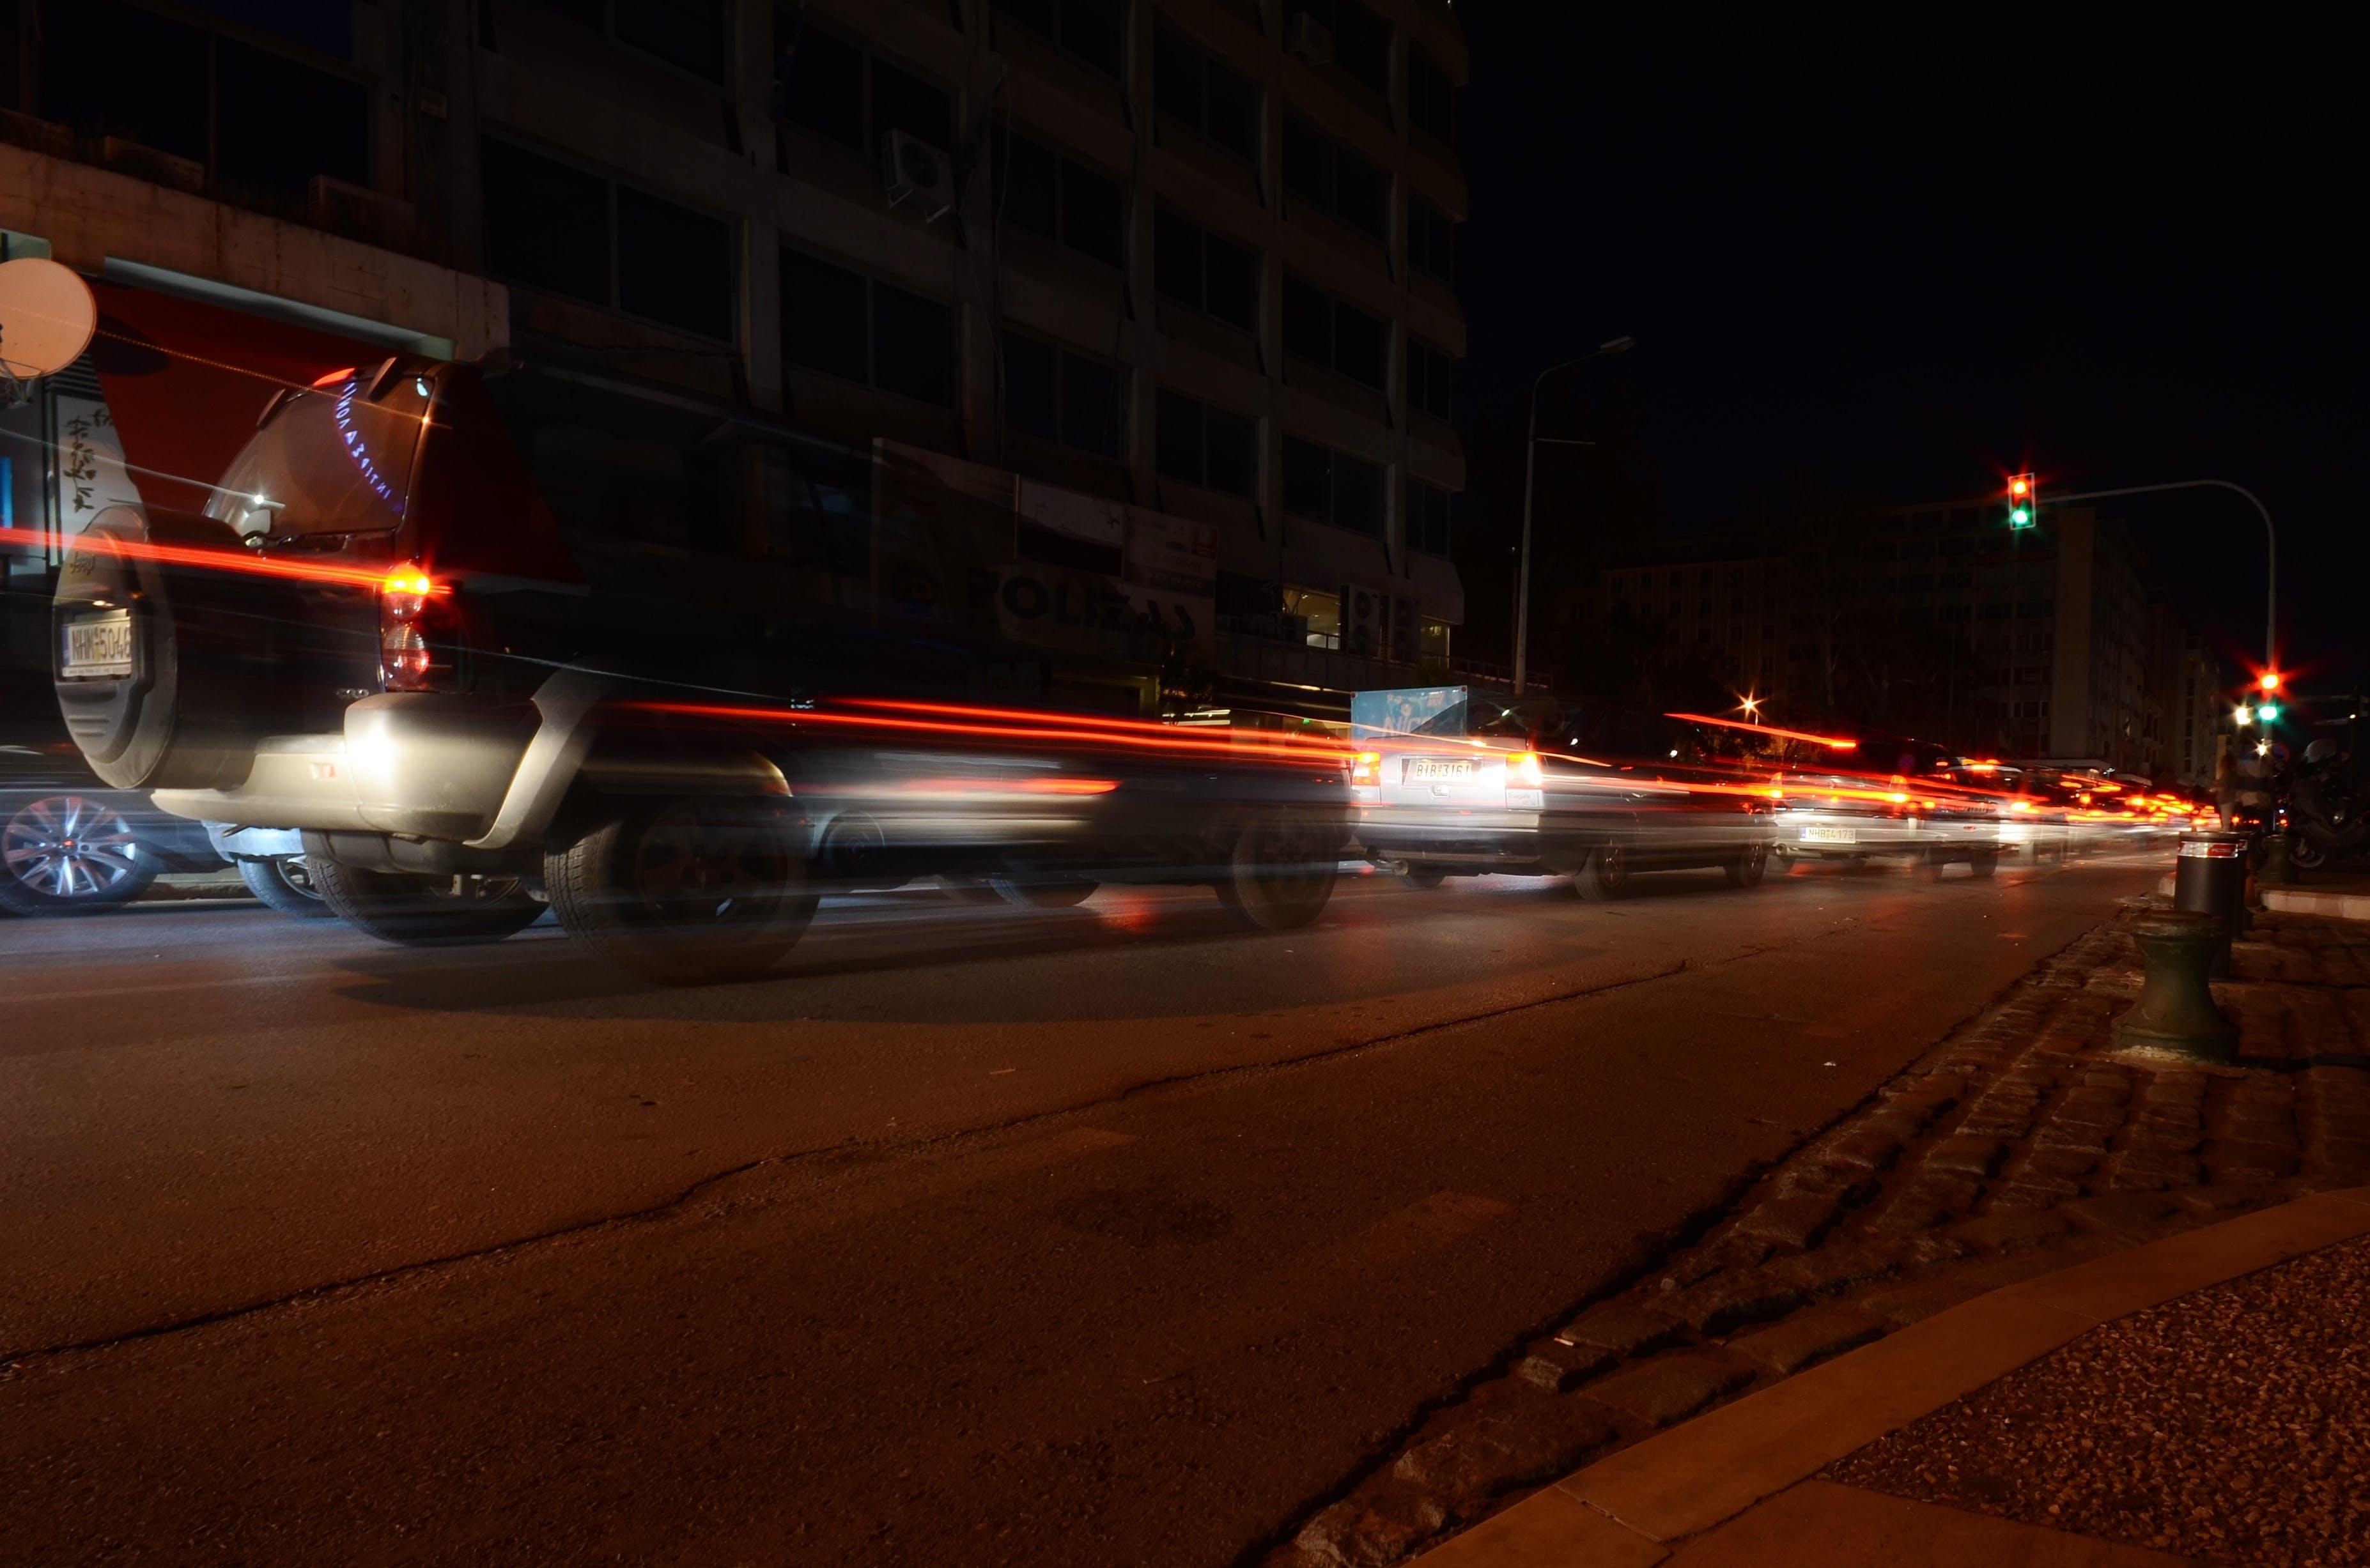 Безкоштовне стокове фото на тему «автомобілі, Вулиця, довга витримка, довга експозиція»